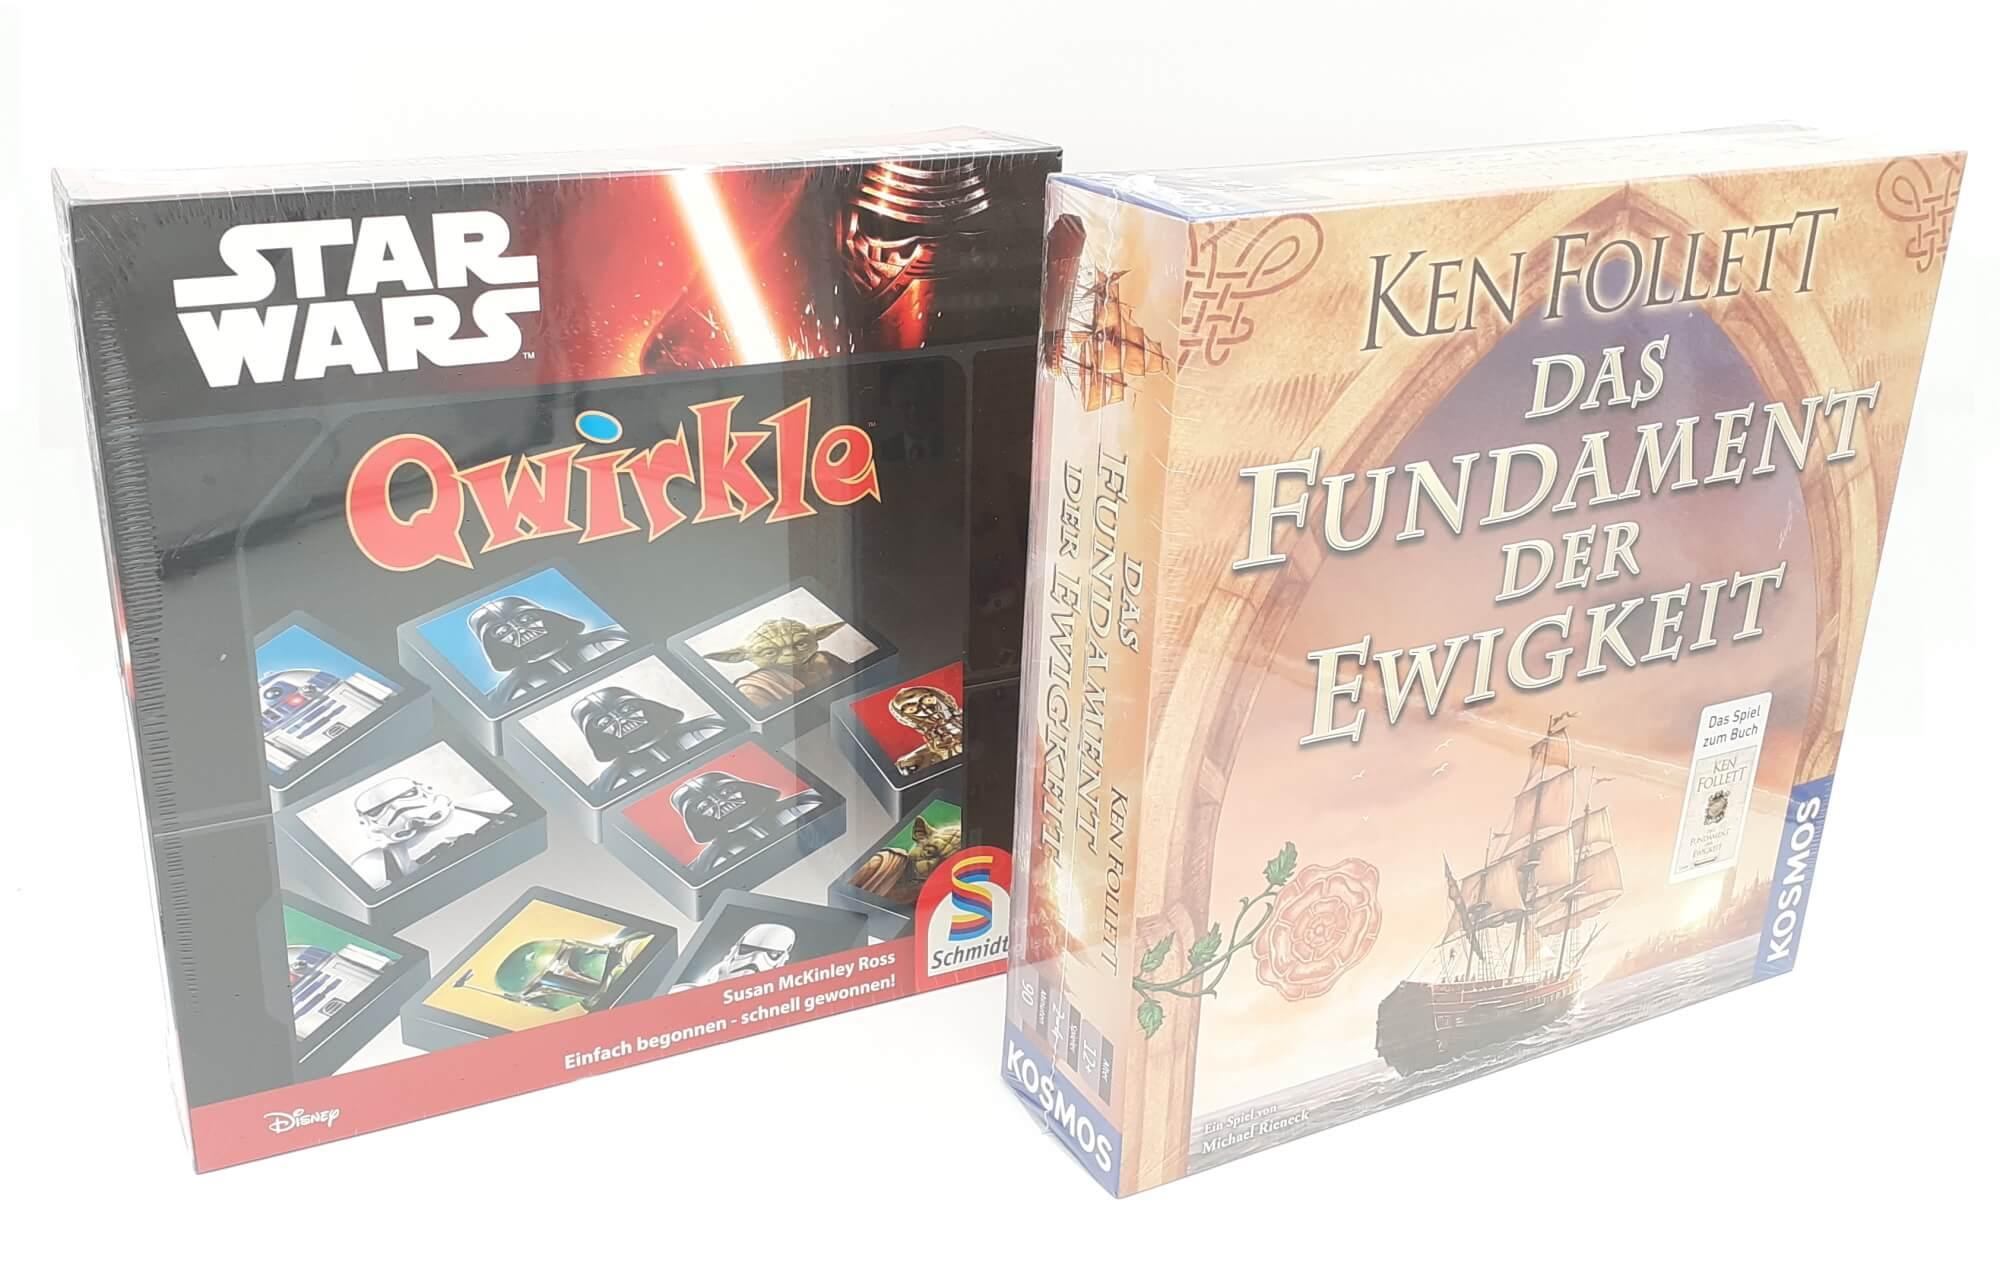 Društvene igre Temelji Večnosti i Star Wars Qwirkle SET 2 u 1